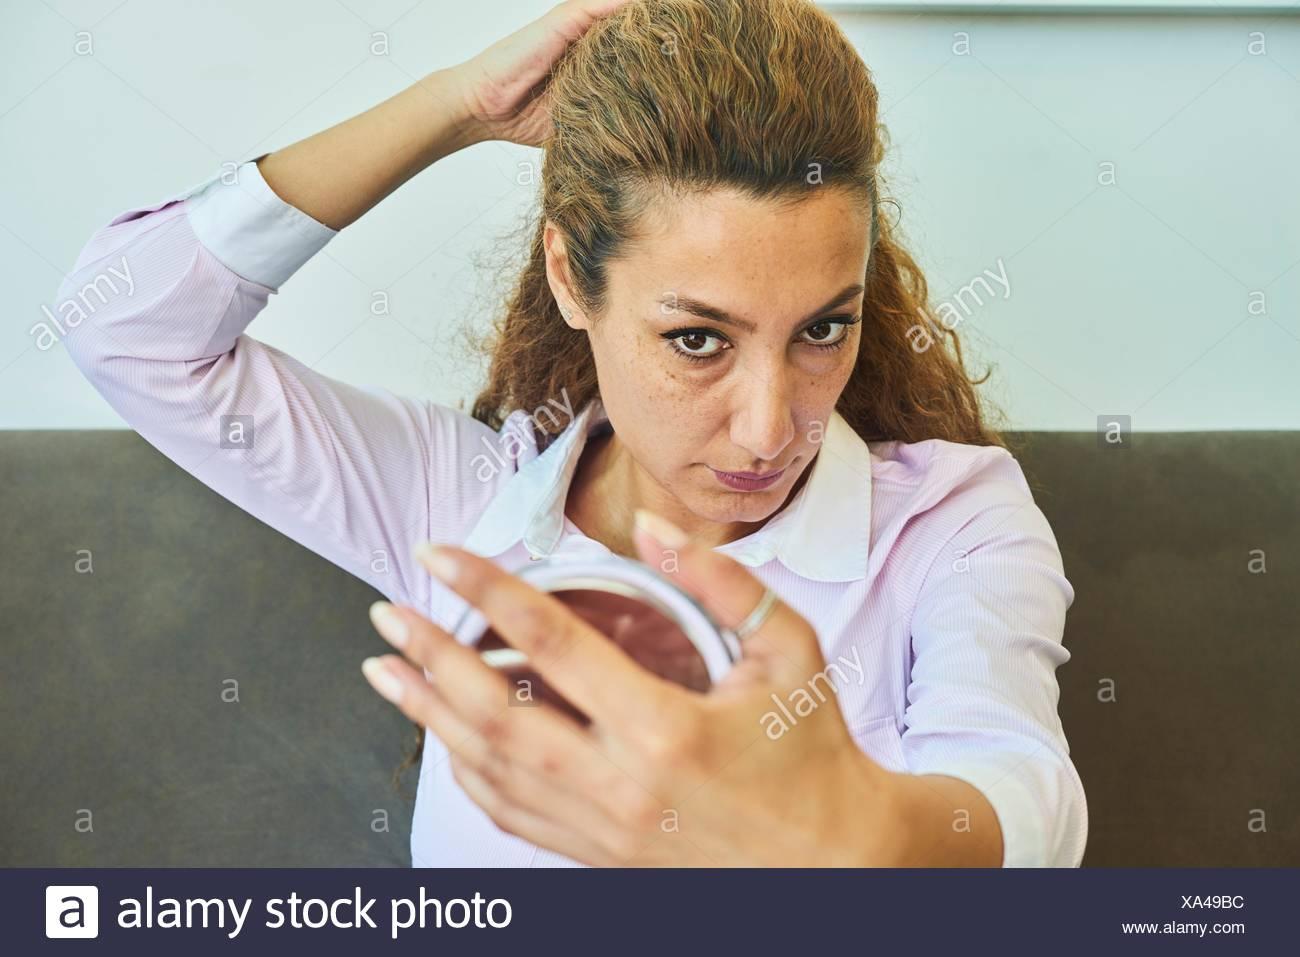 5c5a3905223d Donna matura esaminando il suo volto e la pelle con specchio Immagini Stock